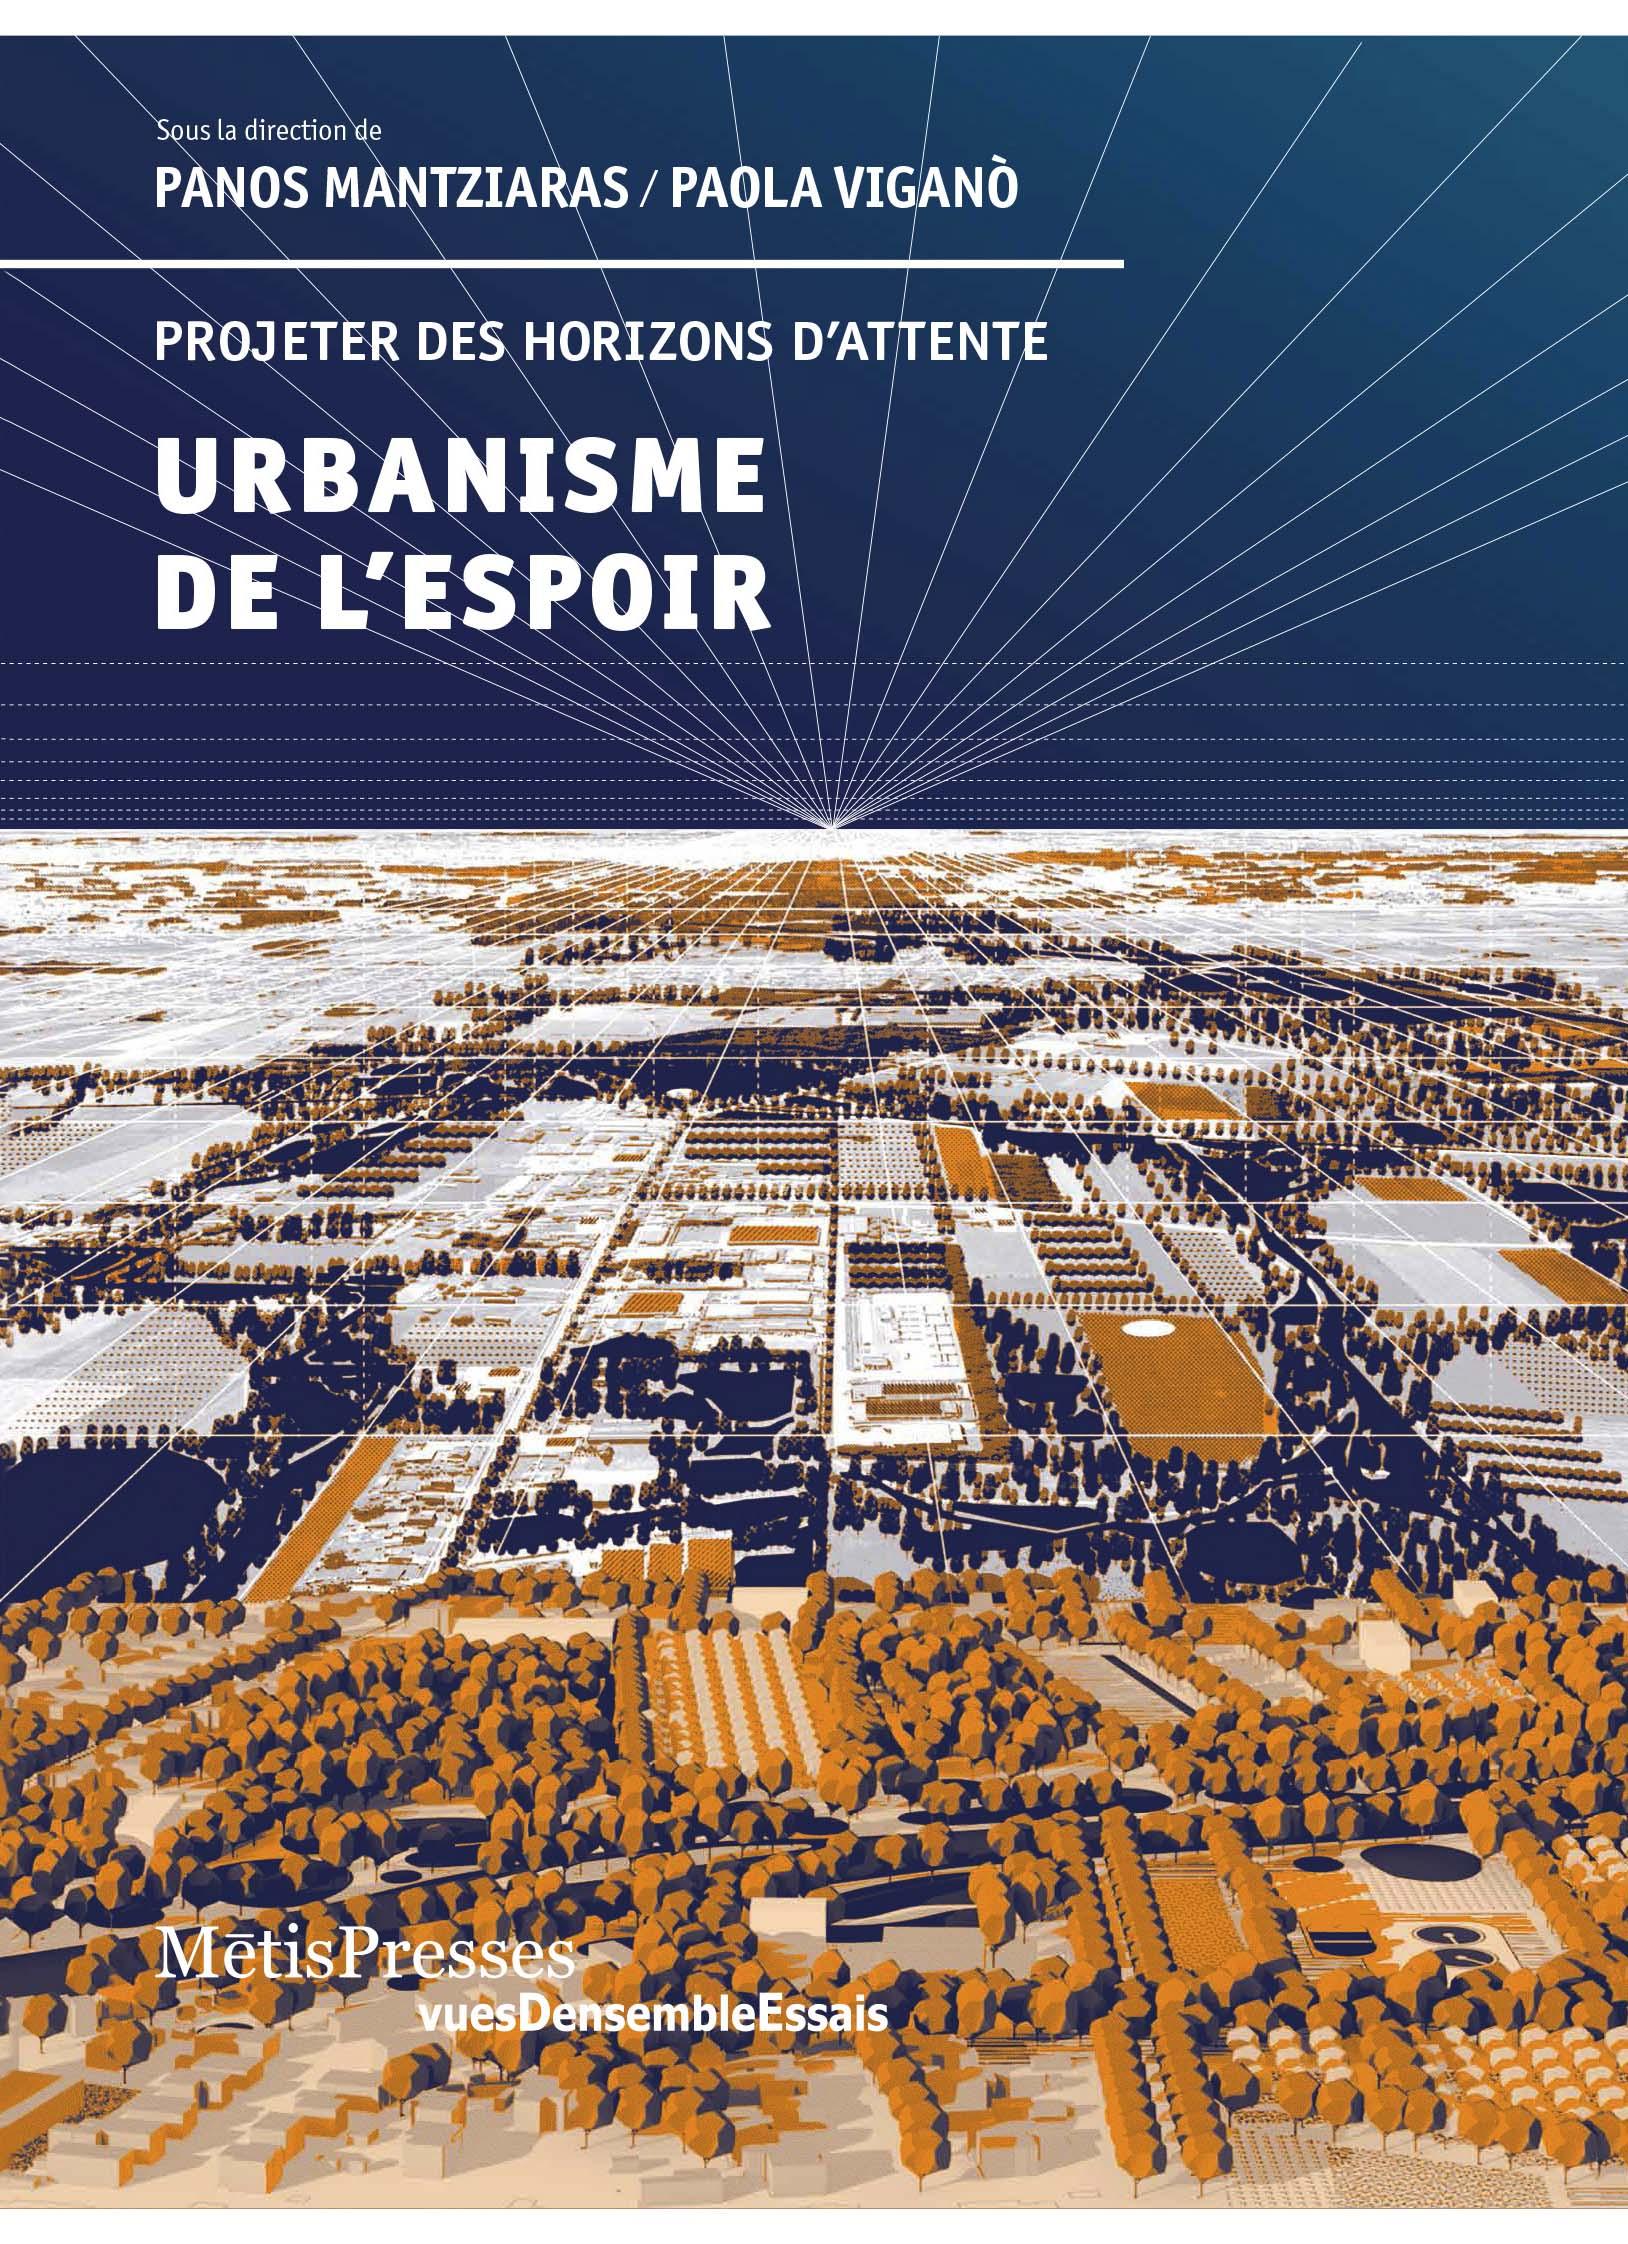 Urbanisme de l'espoir: projeter des horizons d'attente